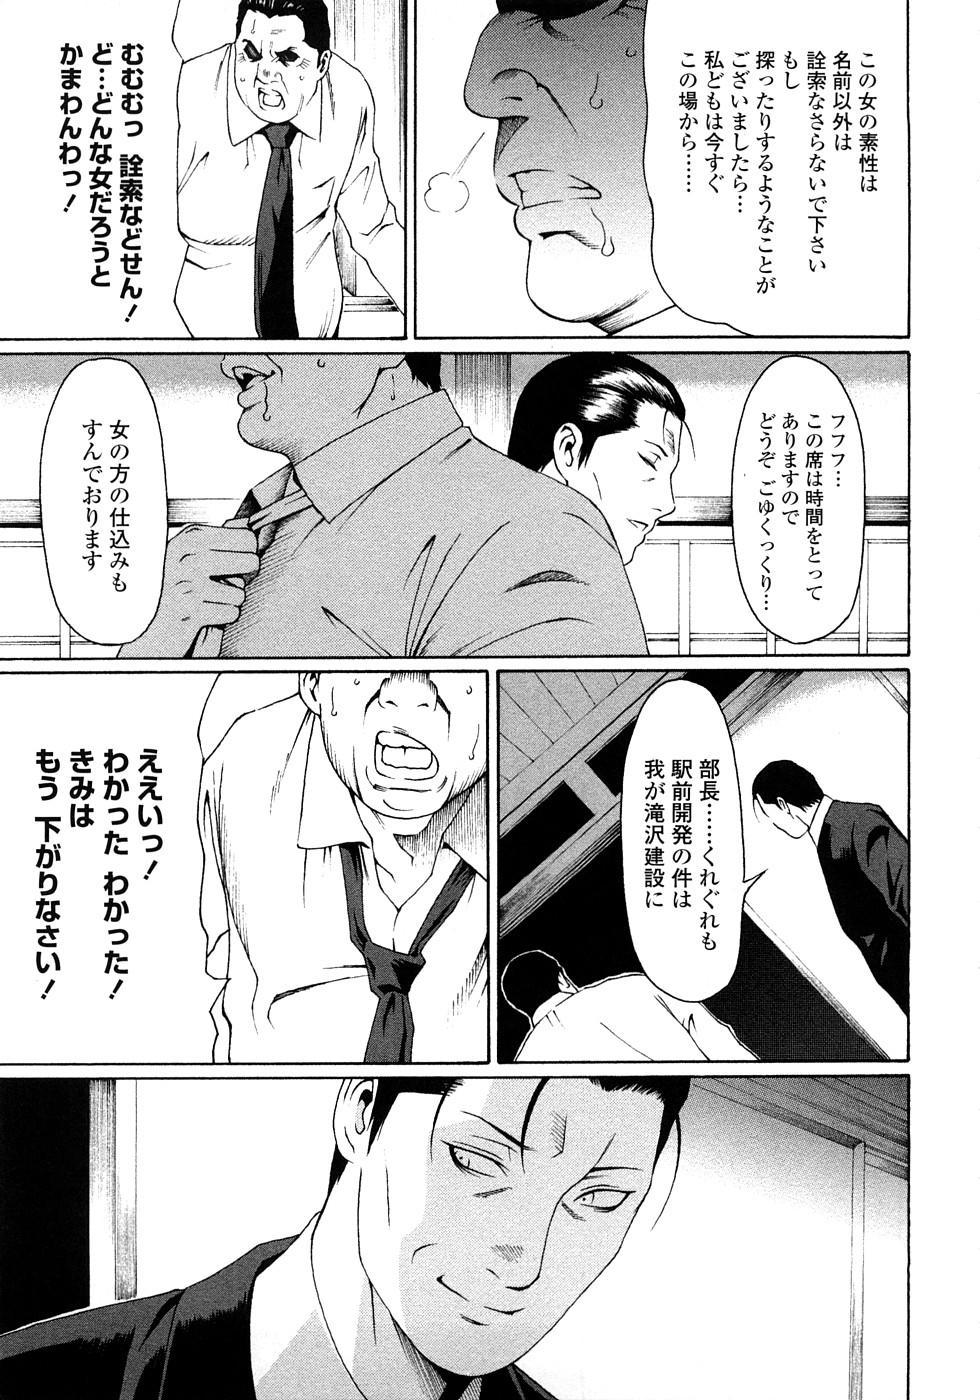 Etsuraku no Tobira - The Door of Sexual Pleasure 195